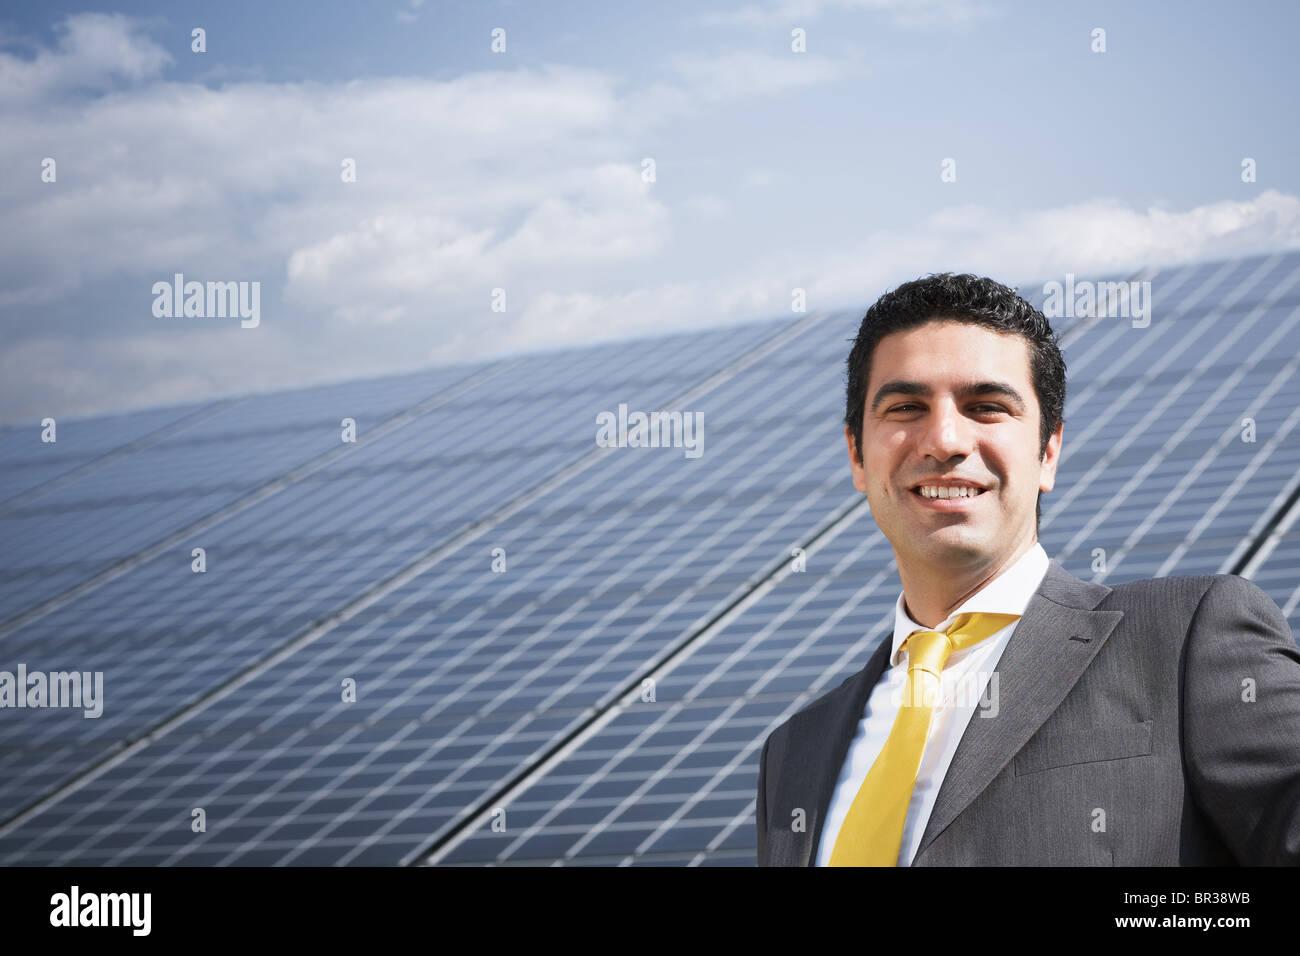 Empresario de estación de energía solar Imagen De Stock